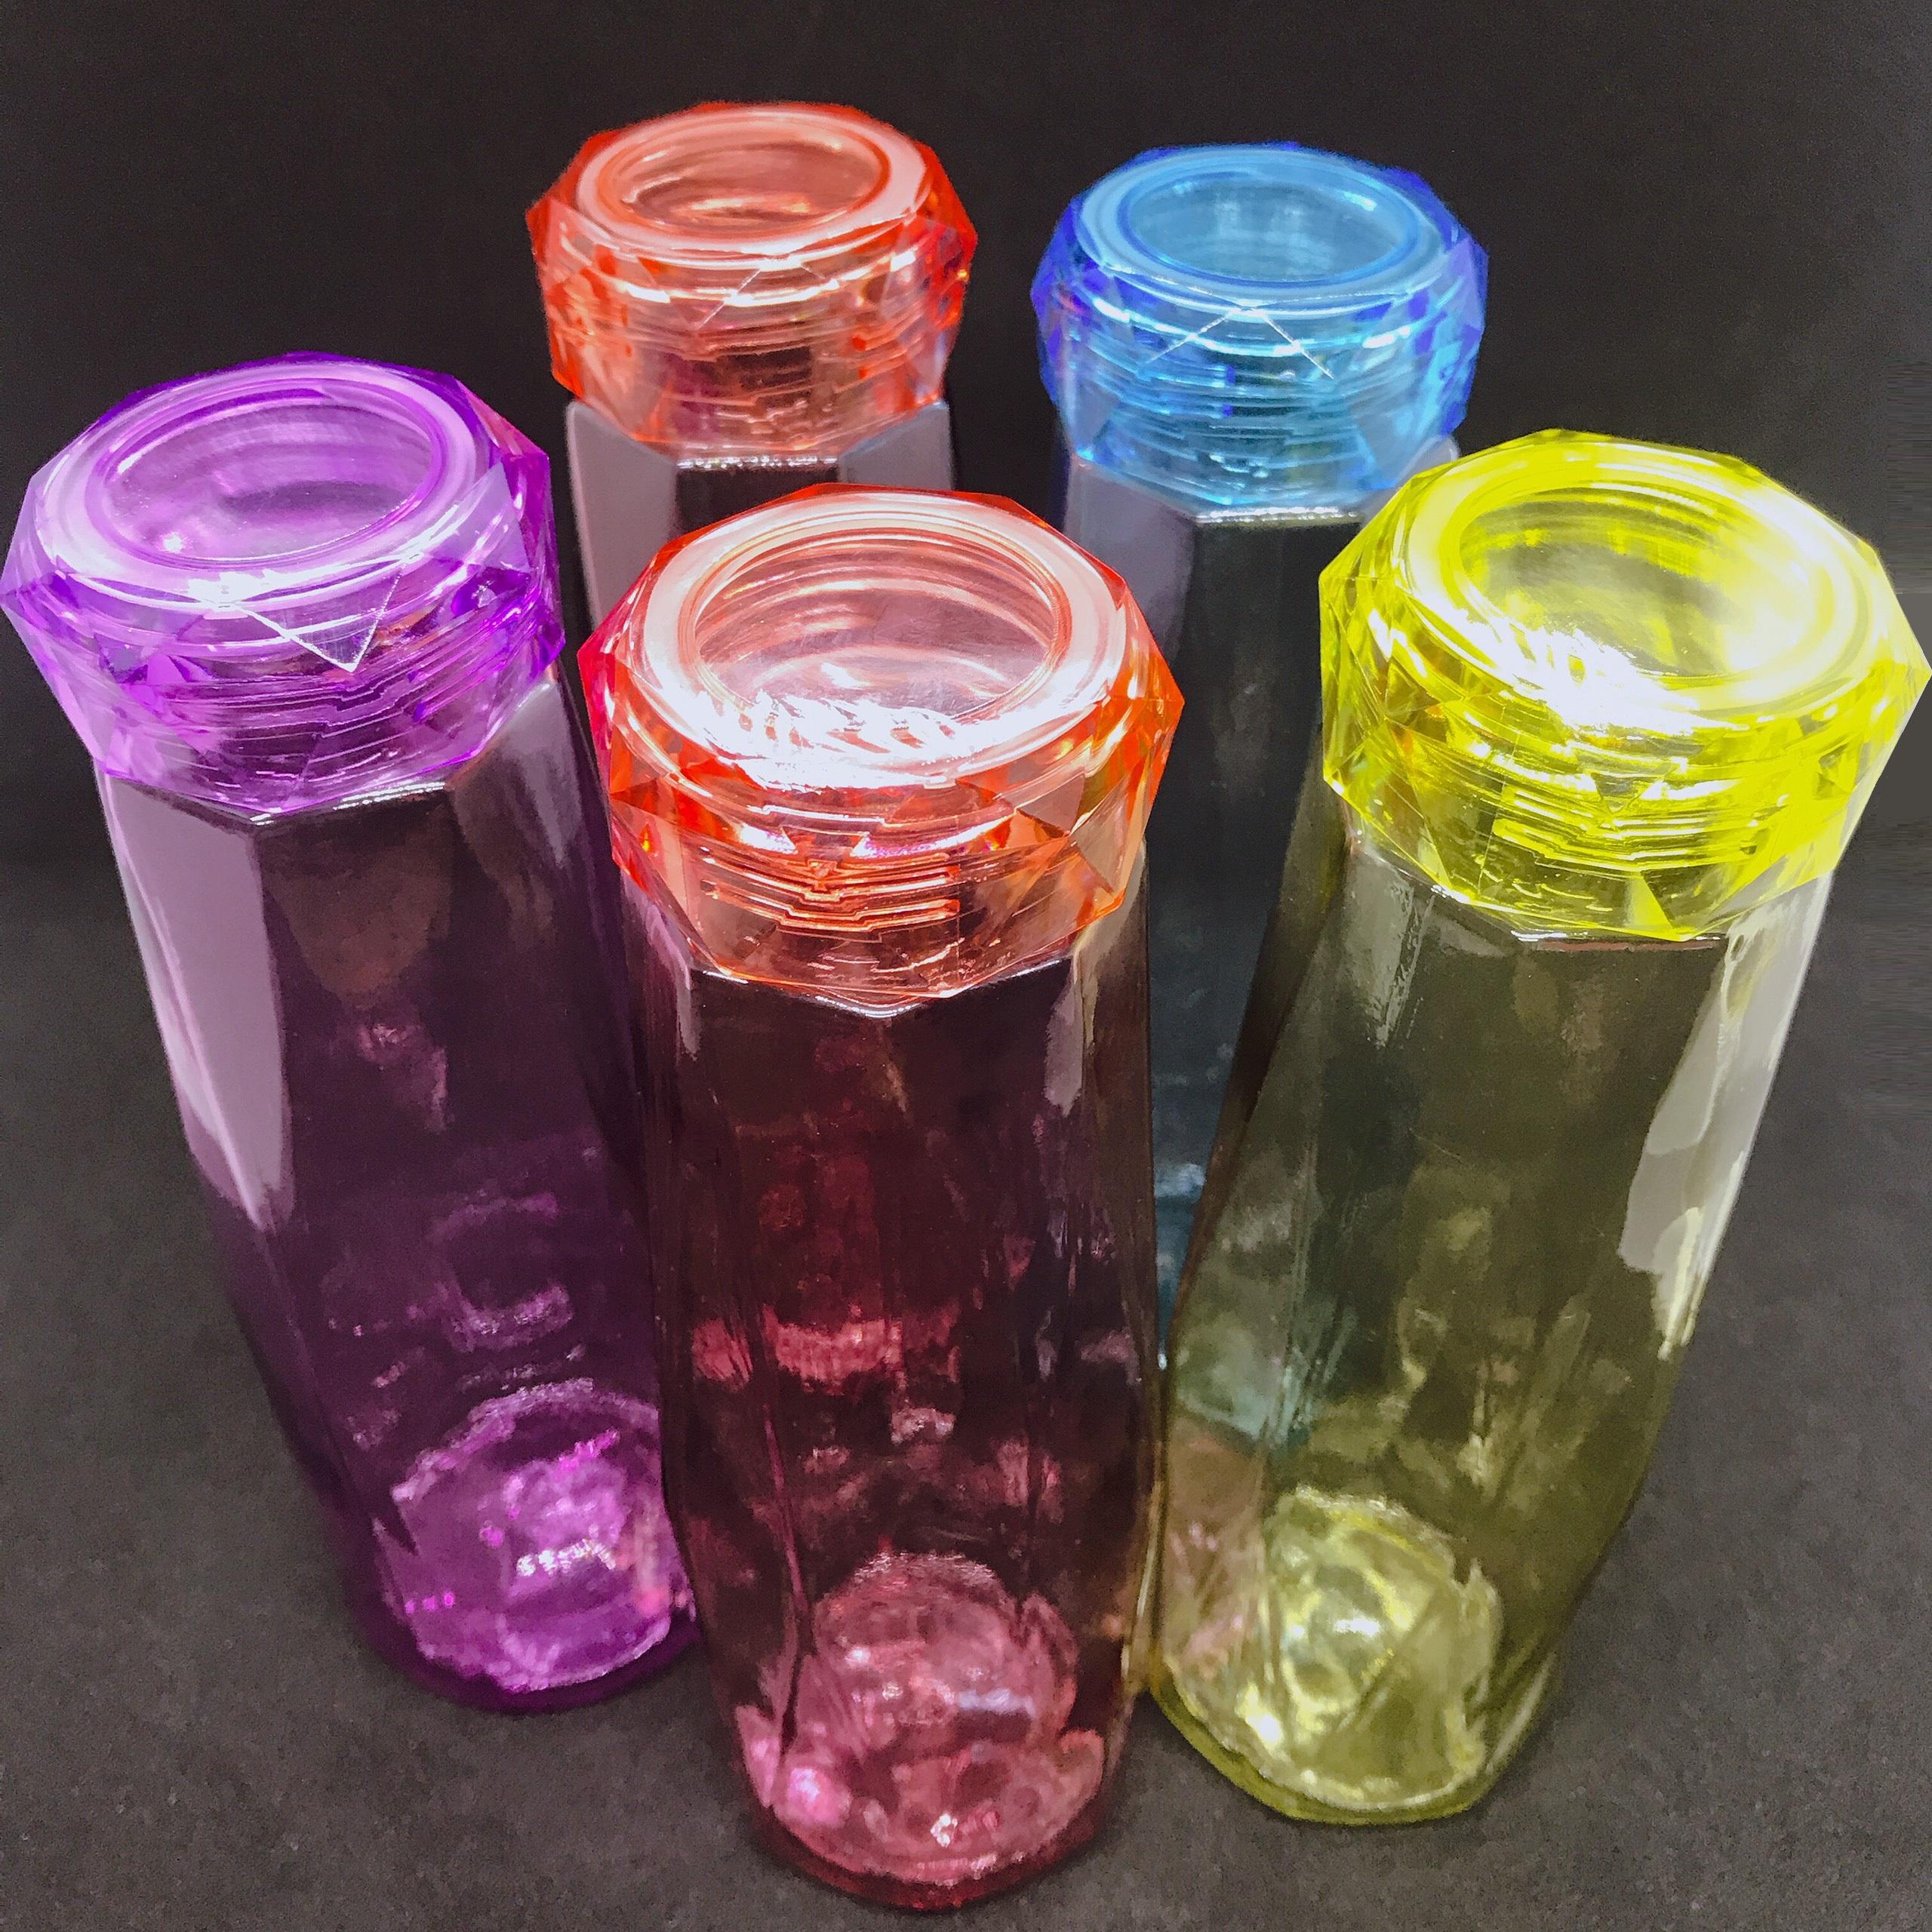 Combo 5 chai thủy tinh đựng nước 450ml cao cấp Mẫu giác cắt kim Cương (5 màu ngẫu nhiên) – Bình đựng nước, Café, Trà, Nước Ép cực đẹp cho các anh chị làm văn phòng – hot trend, mẫu mới nhất hiện nay, nhiều màu sắc